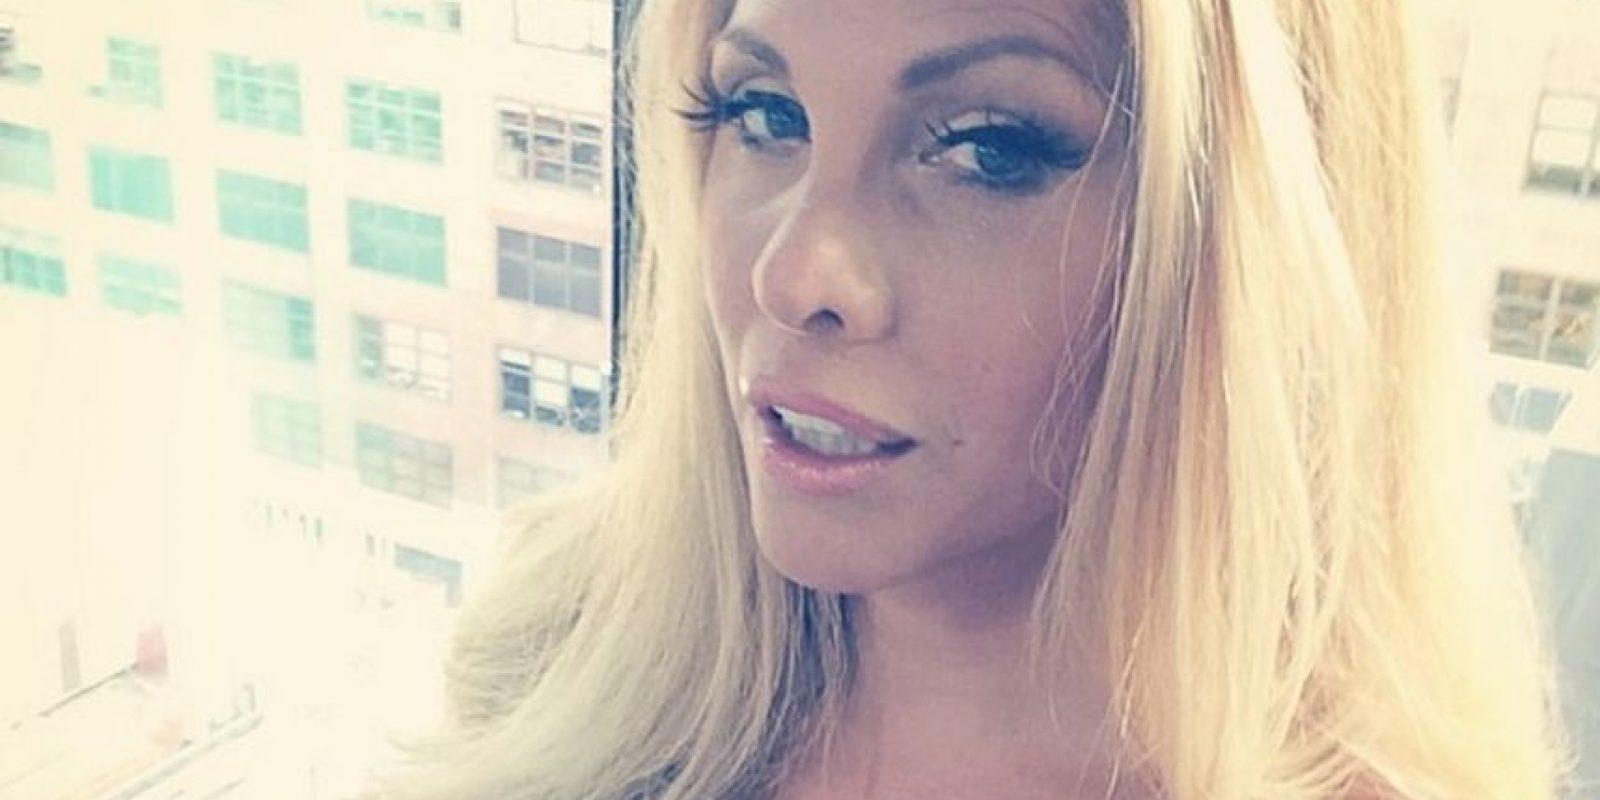 """Candis es actriz y consiguió la fama gracias a su papel de """"Carmelita"""" en la exitosa serie """"Dirty Sexy Money"""" Foto:Vía instagram.com/candiscayne/"""